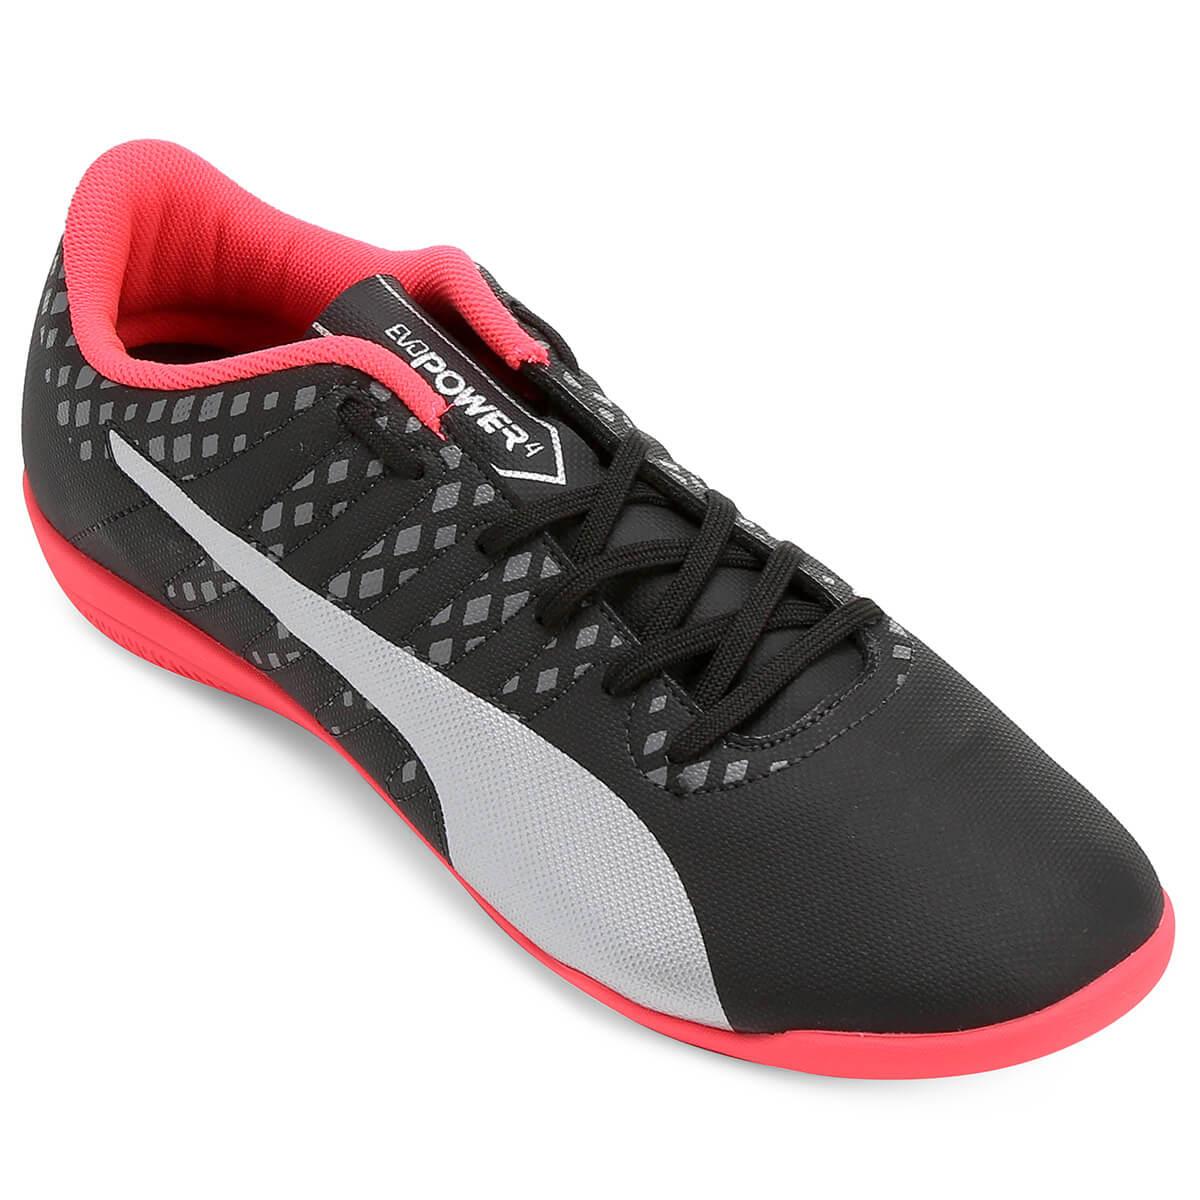 e1646ca729b Chuteira Puma Evopower Vigor 4 Futsal - BRACIA SHOP  Loja de Roupas ...